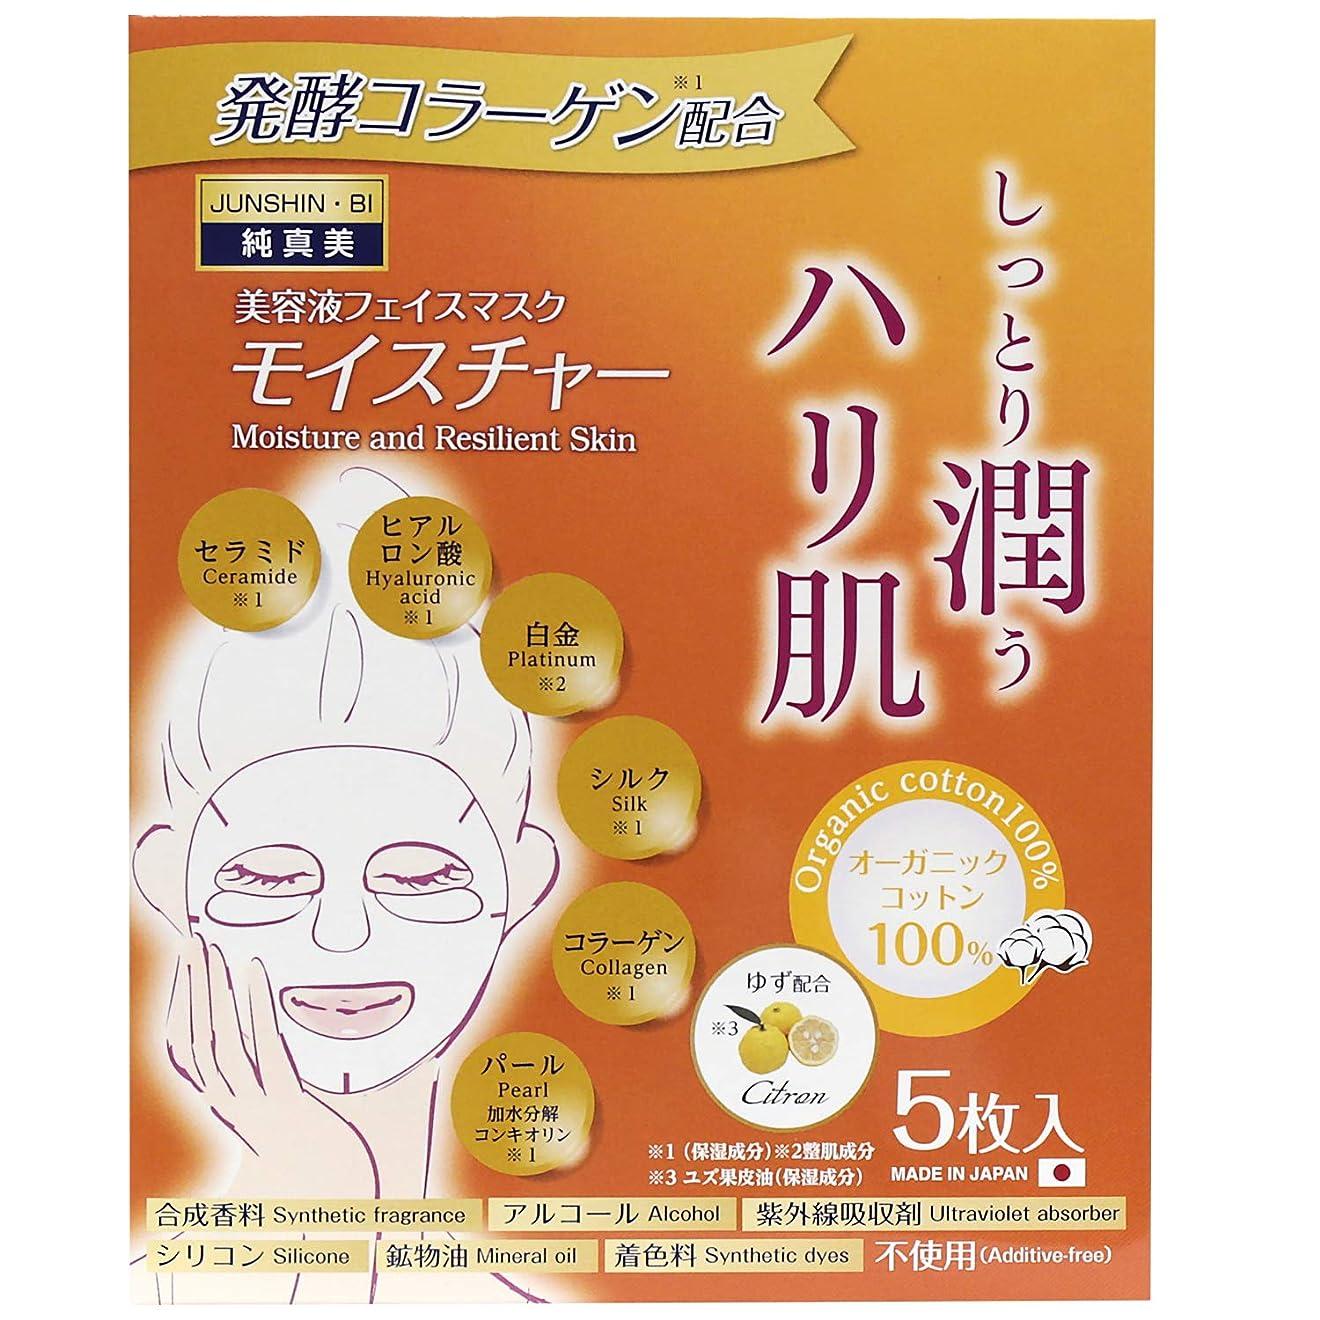 トムオードリース汗製作Junshin Bi 発酵コラーゲン 美容液 マスク (モイスチャー)